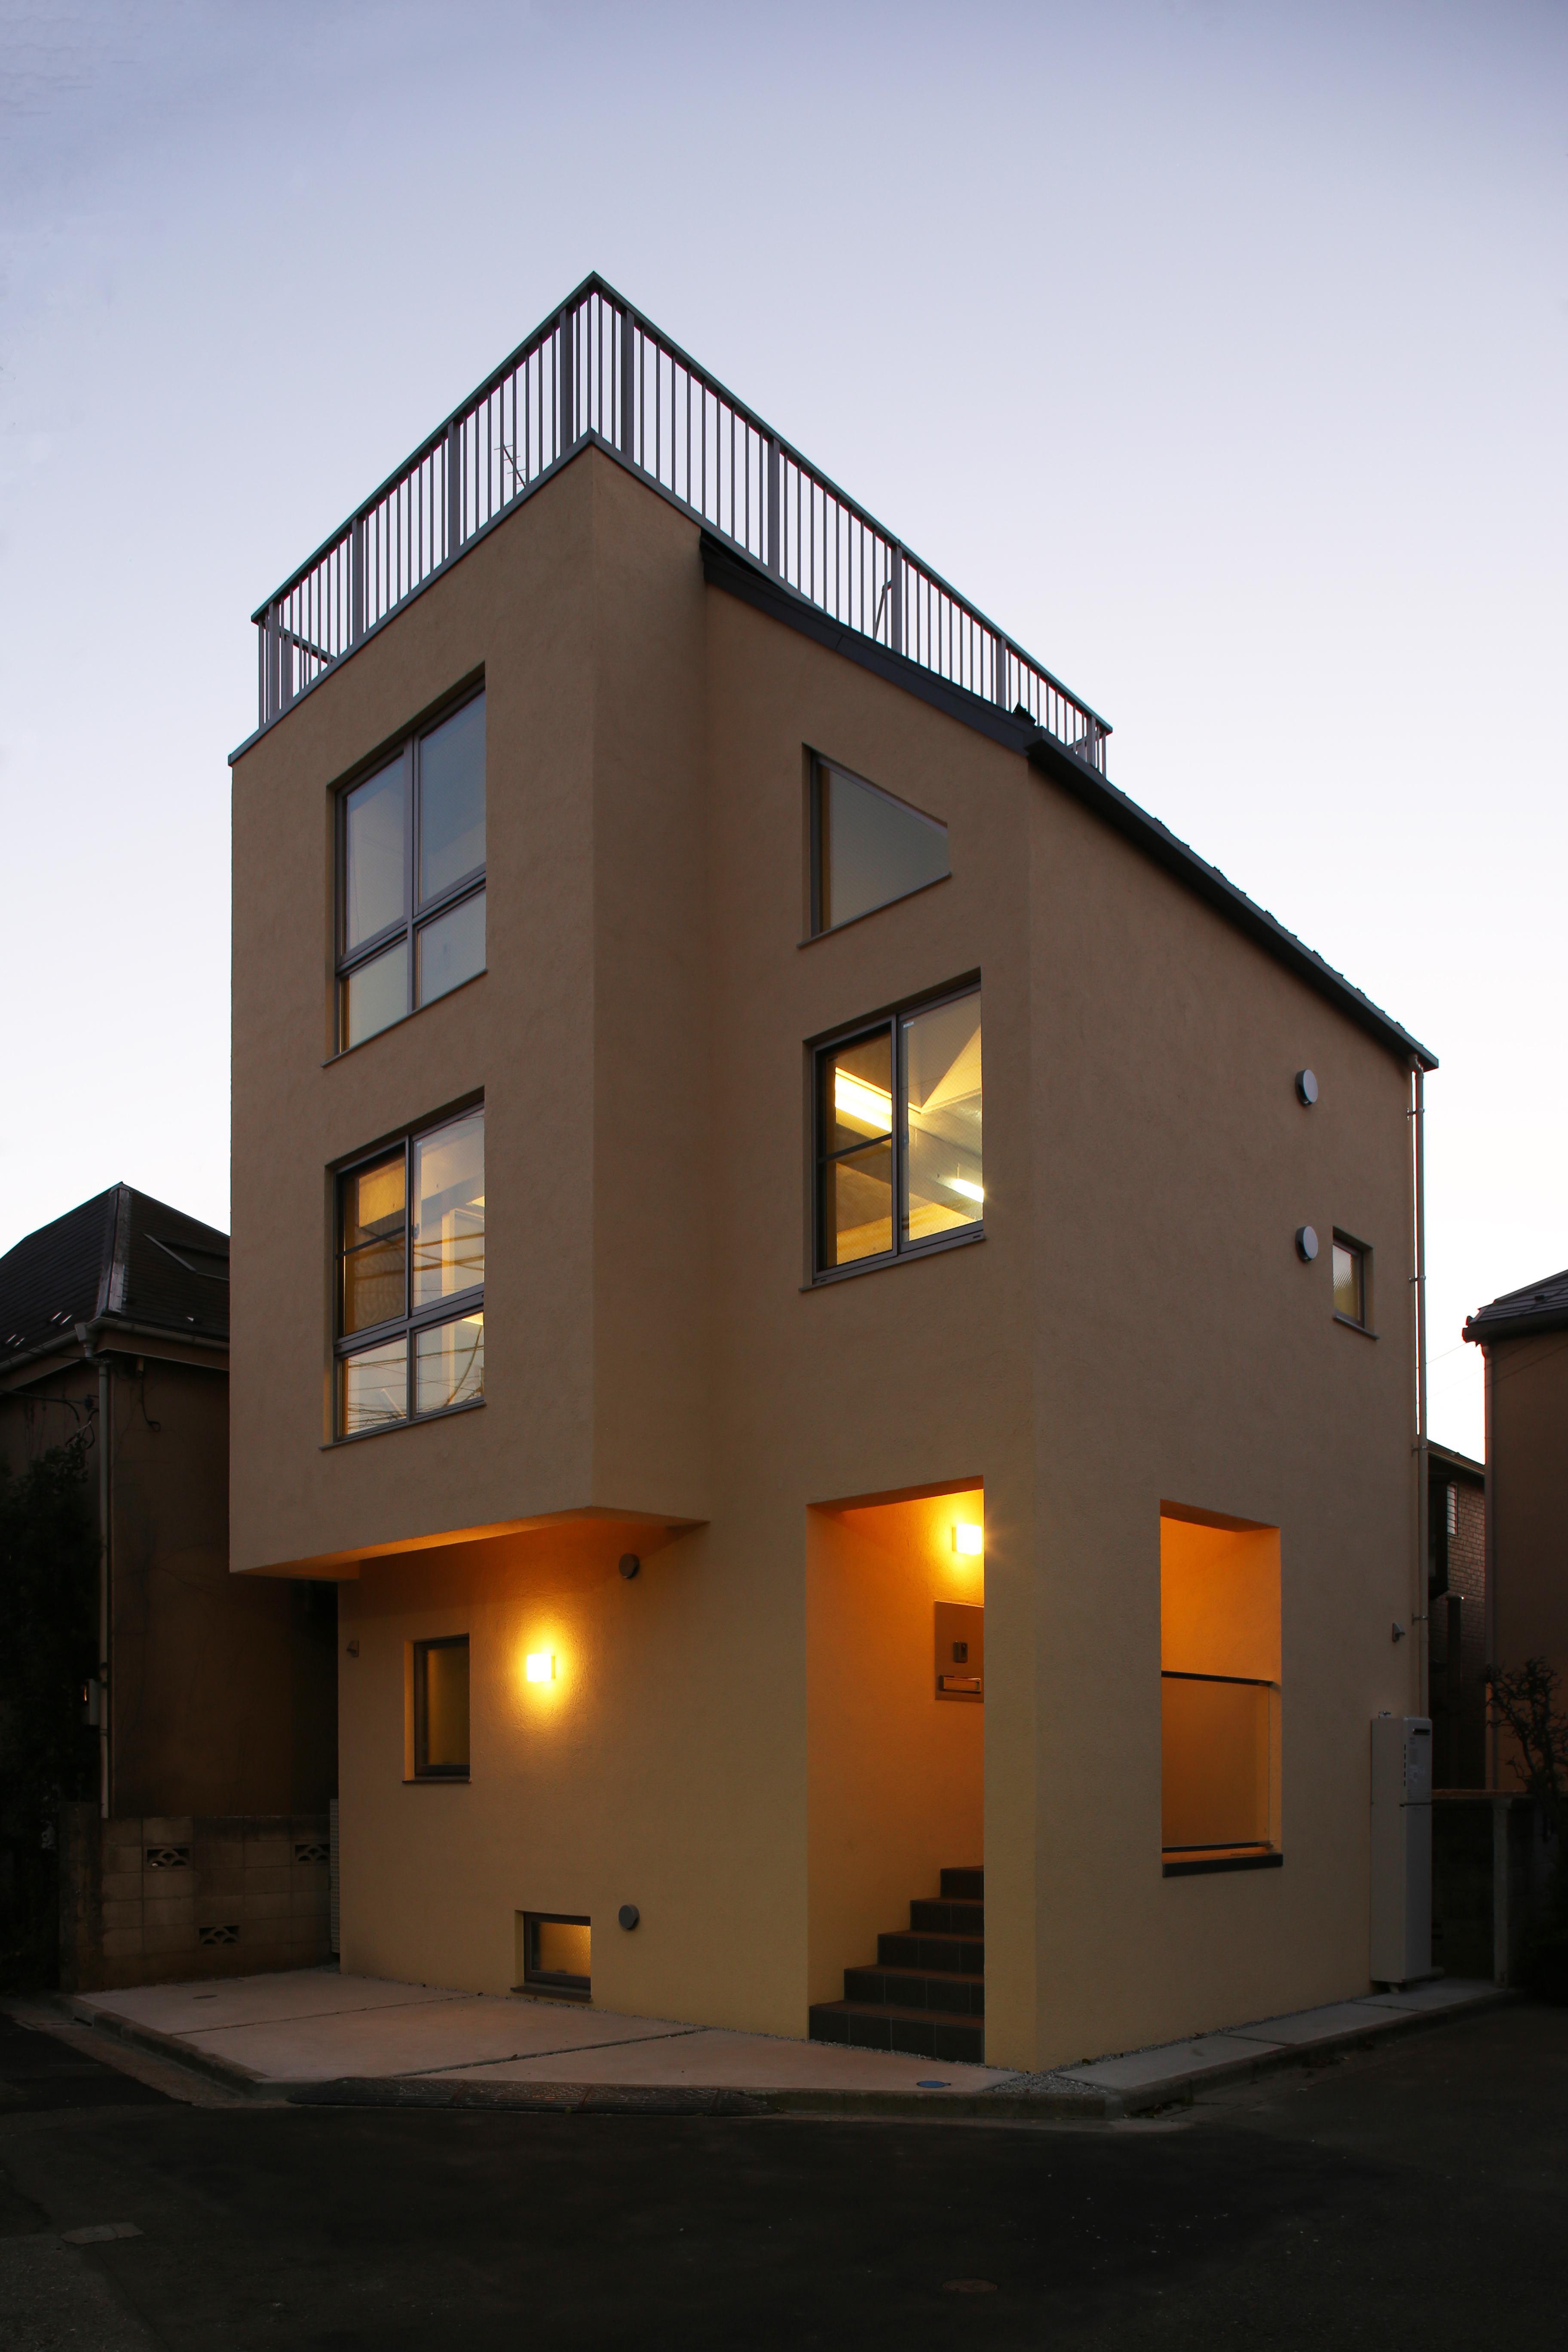 東京都大田区Y邸の写真 外観ライトアップ